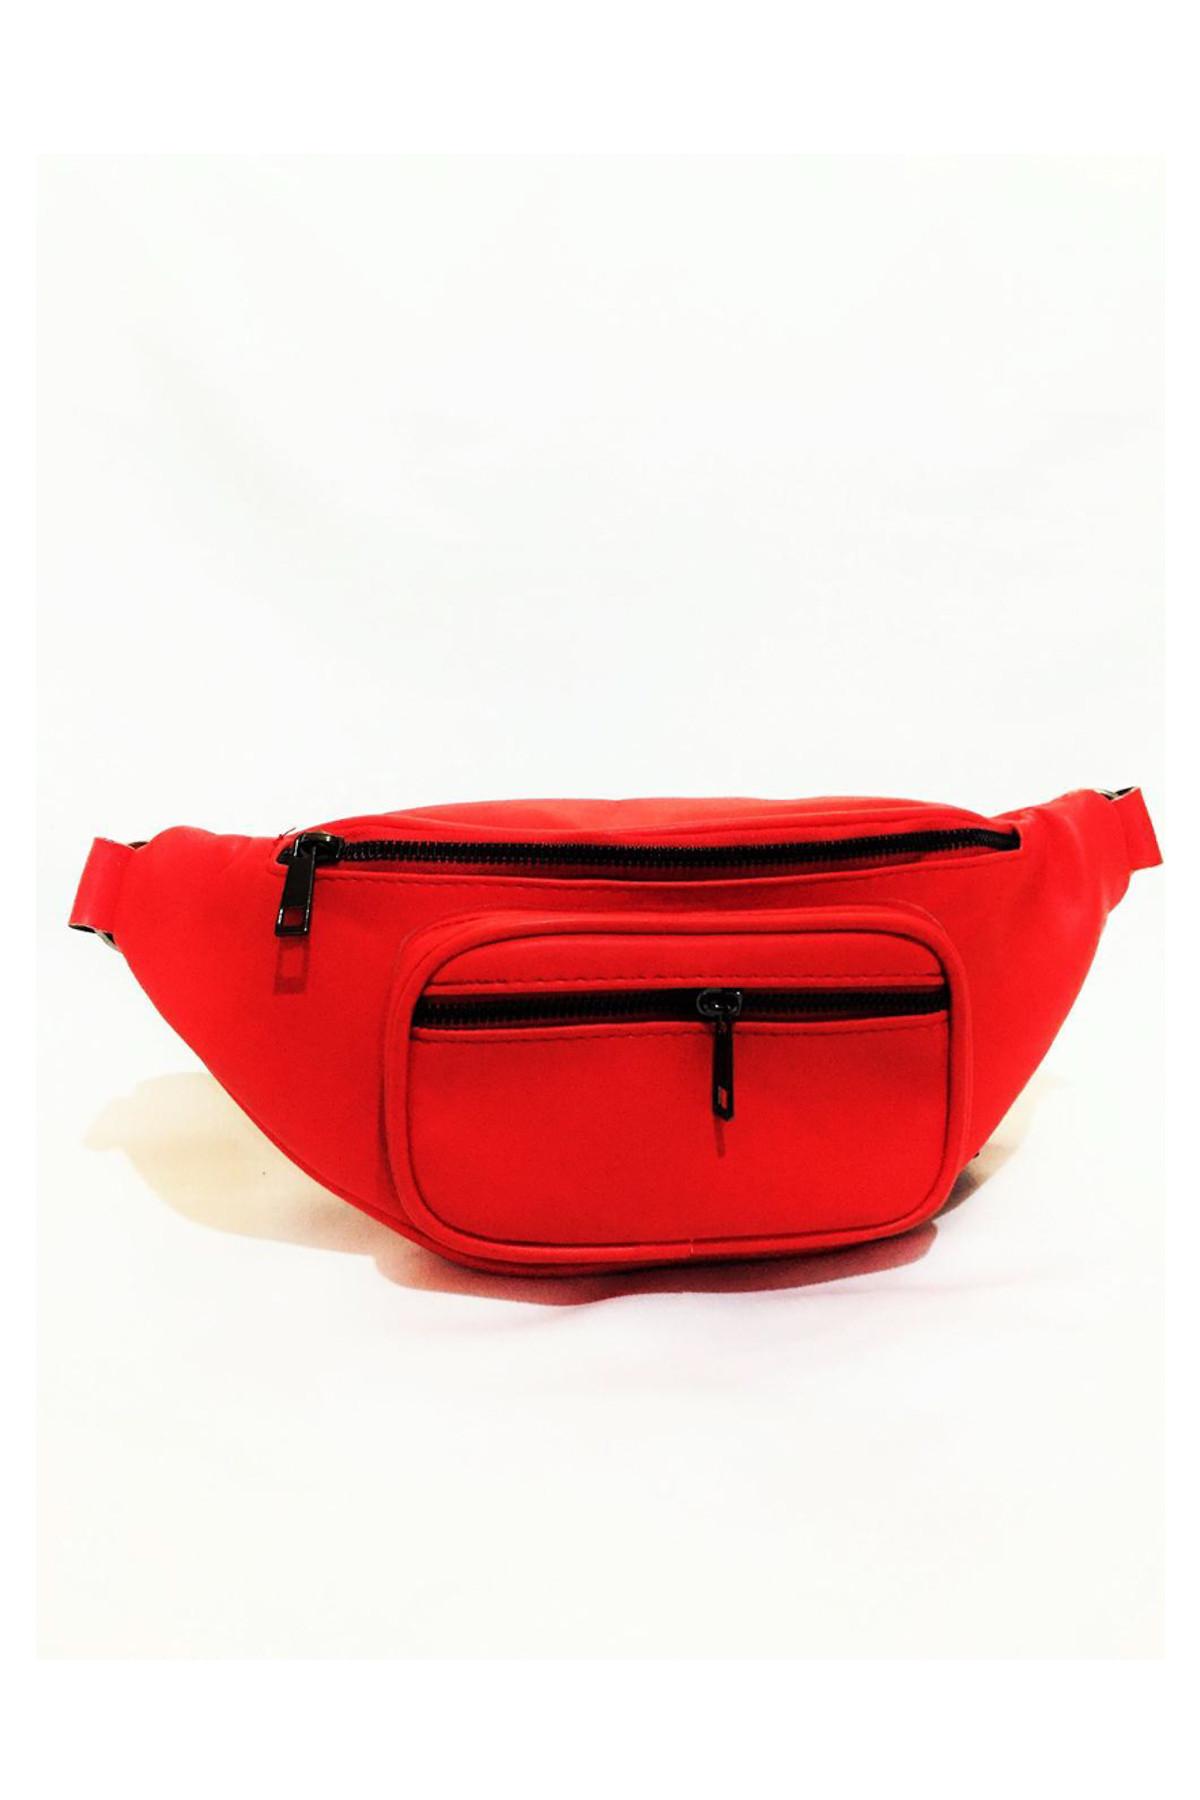 Dr. Stone Marka Kadın Kırmızı Rengi Deri Bel Çantası Xybdr59 2